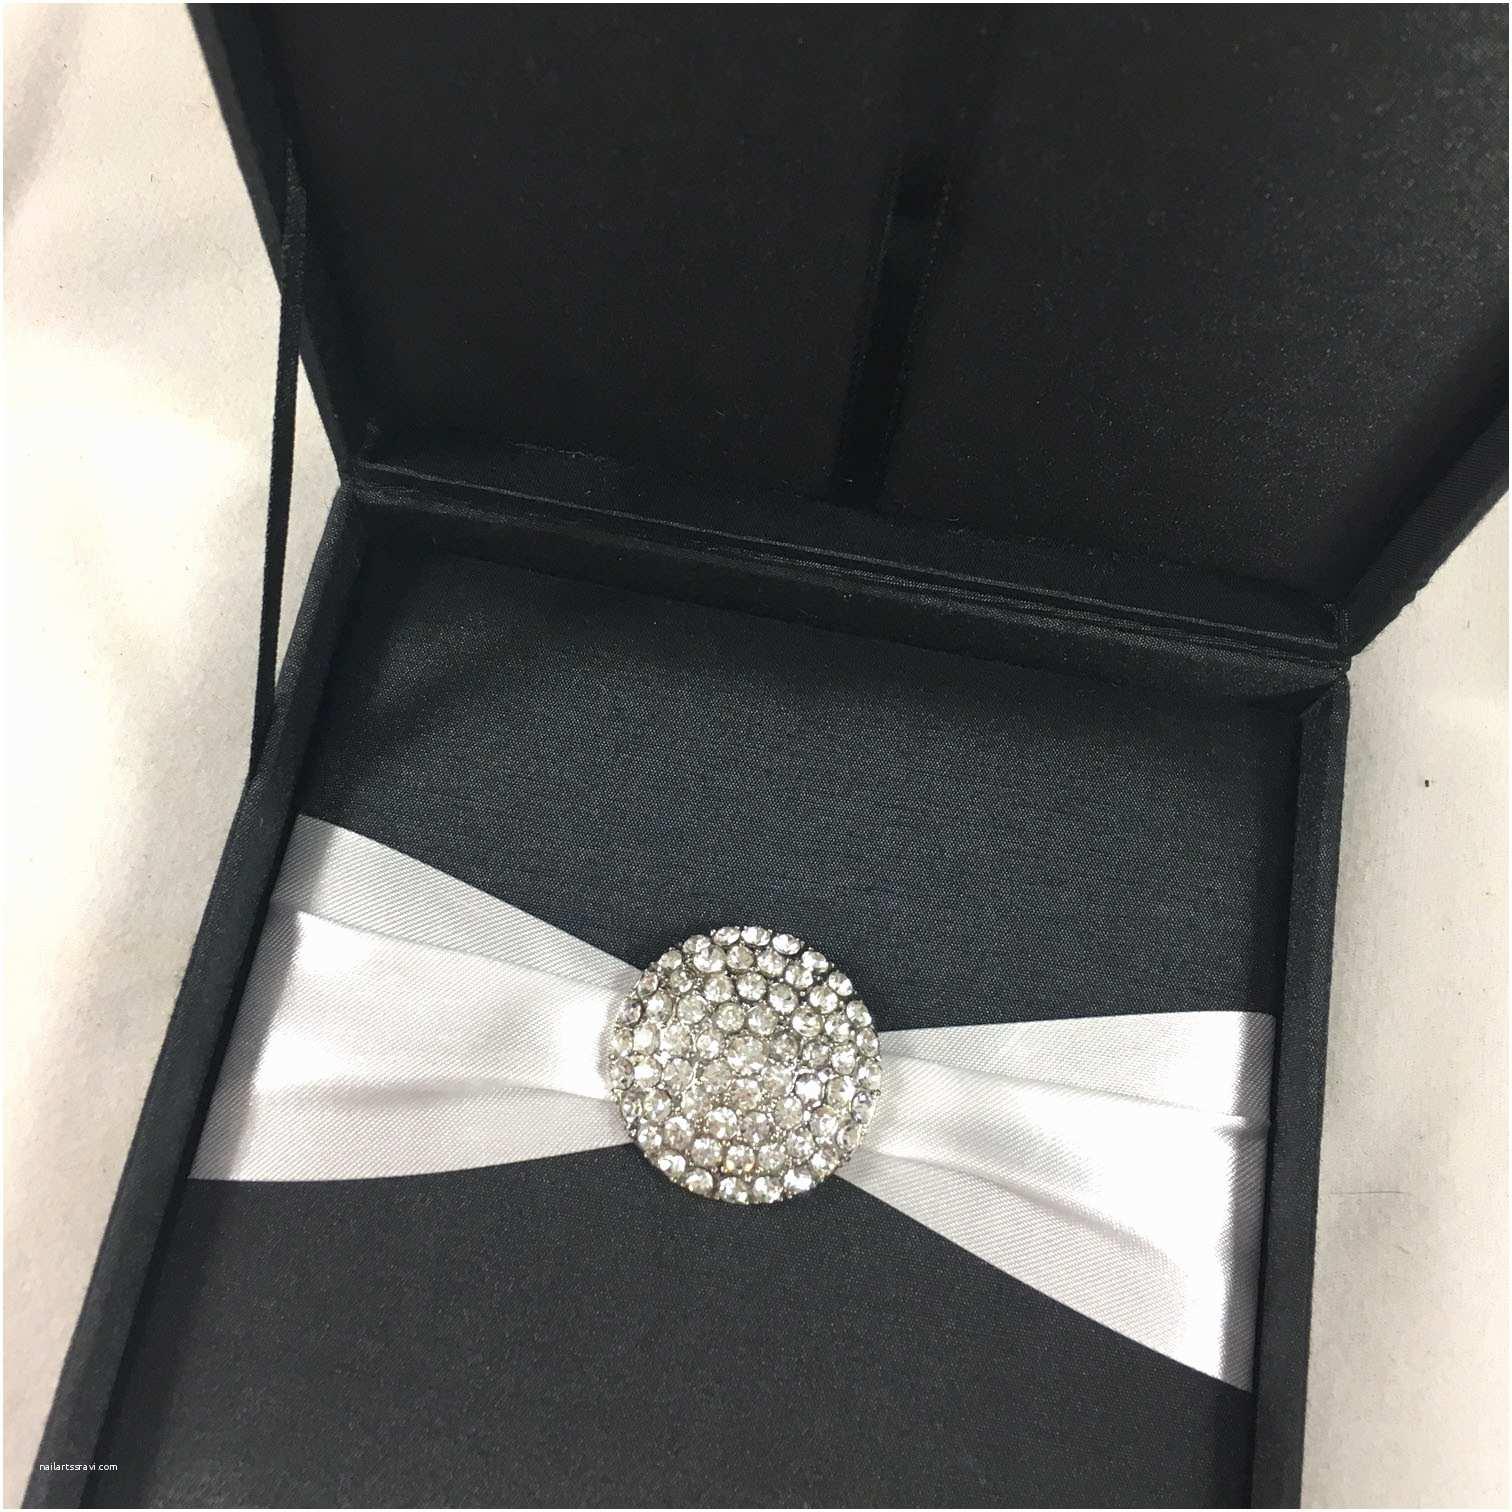 Wedding Invitation Boxes Cheap Cheap Silk Wedding Invitation Boxes From Thailand for